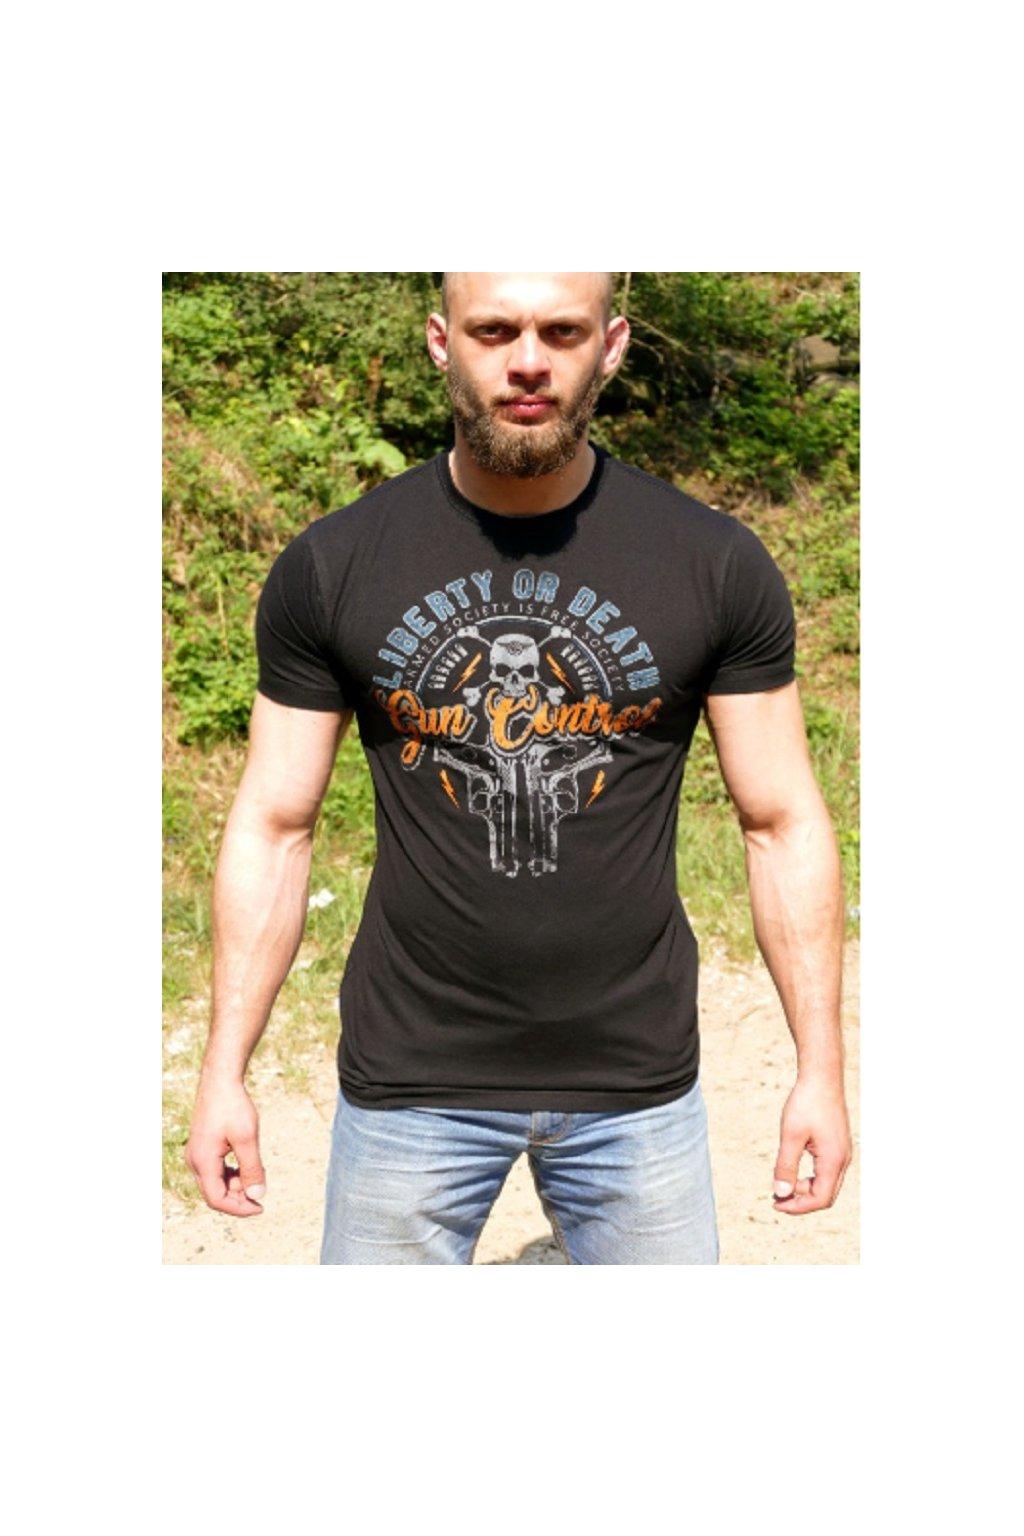 Radical Wear pánské triko Liberty of Death obr1